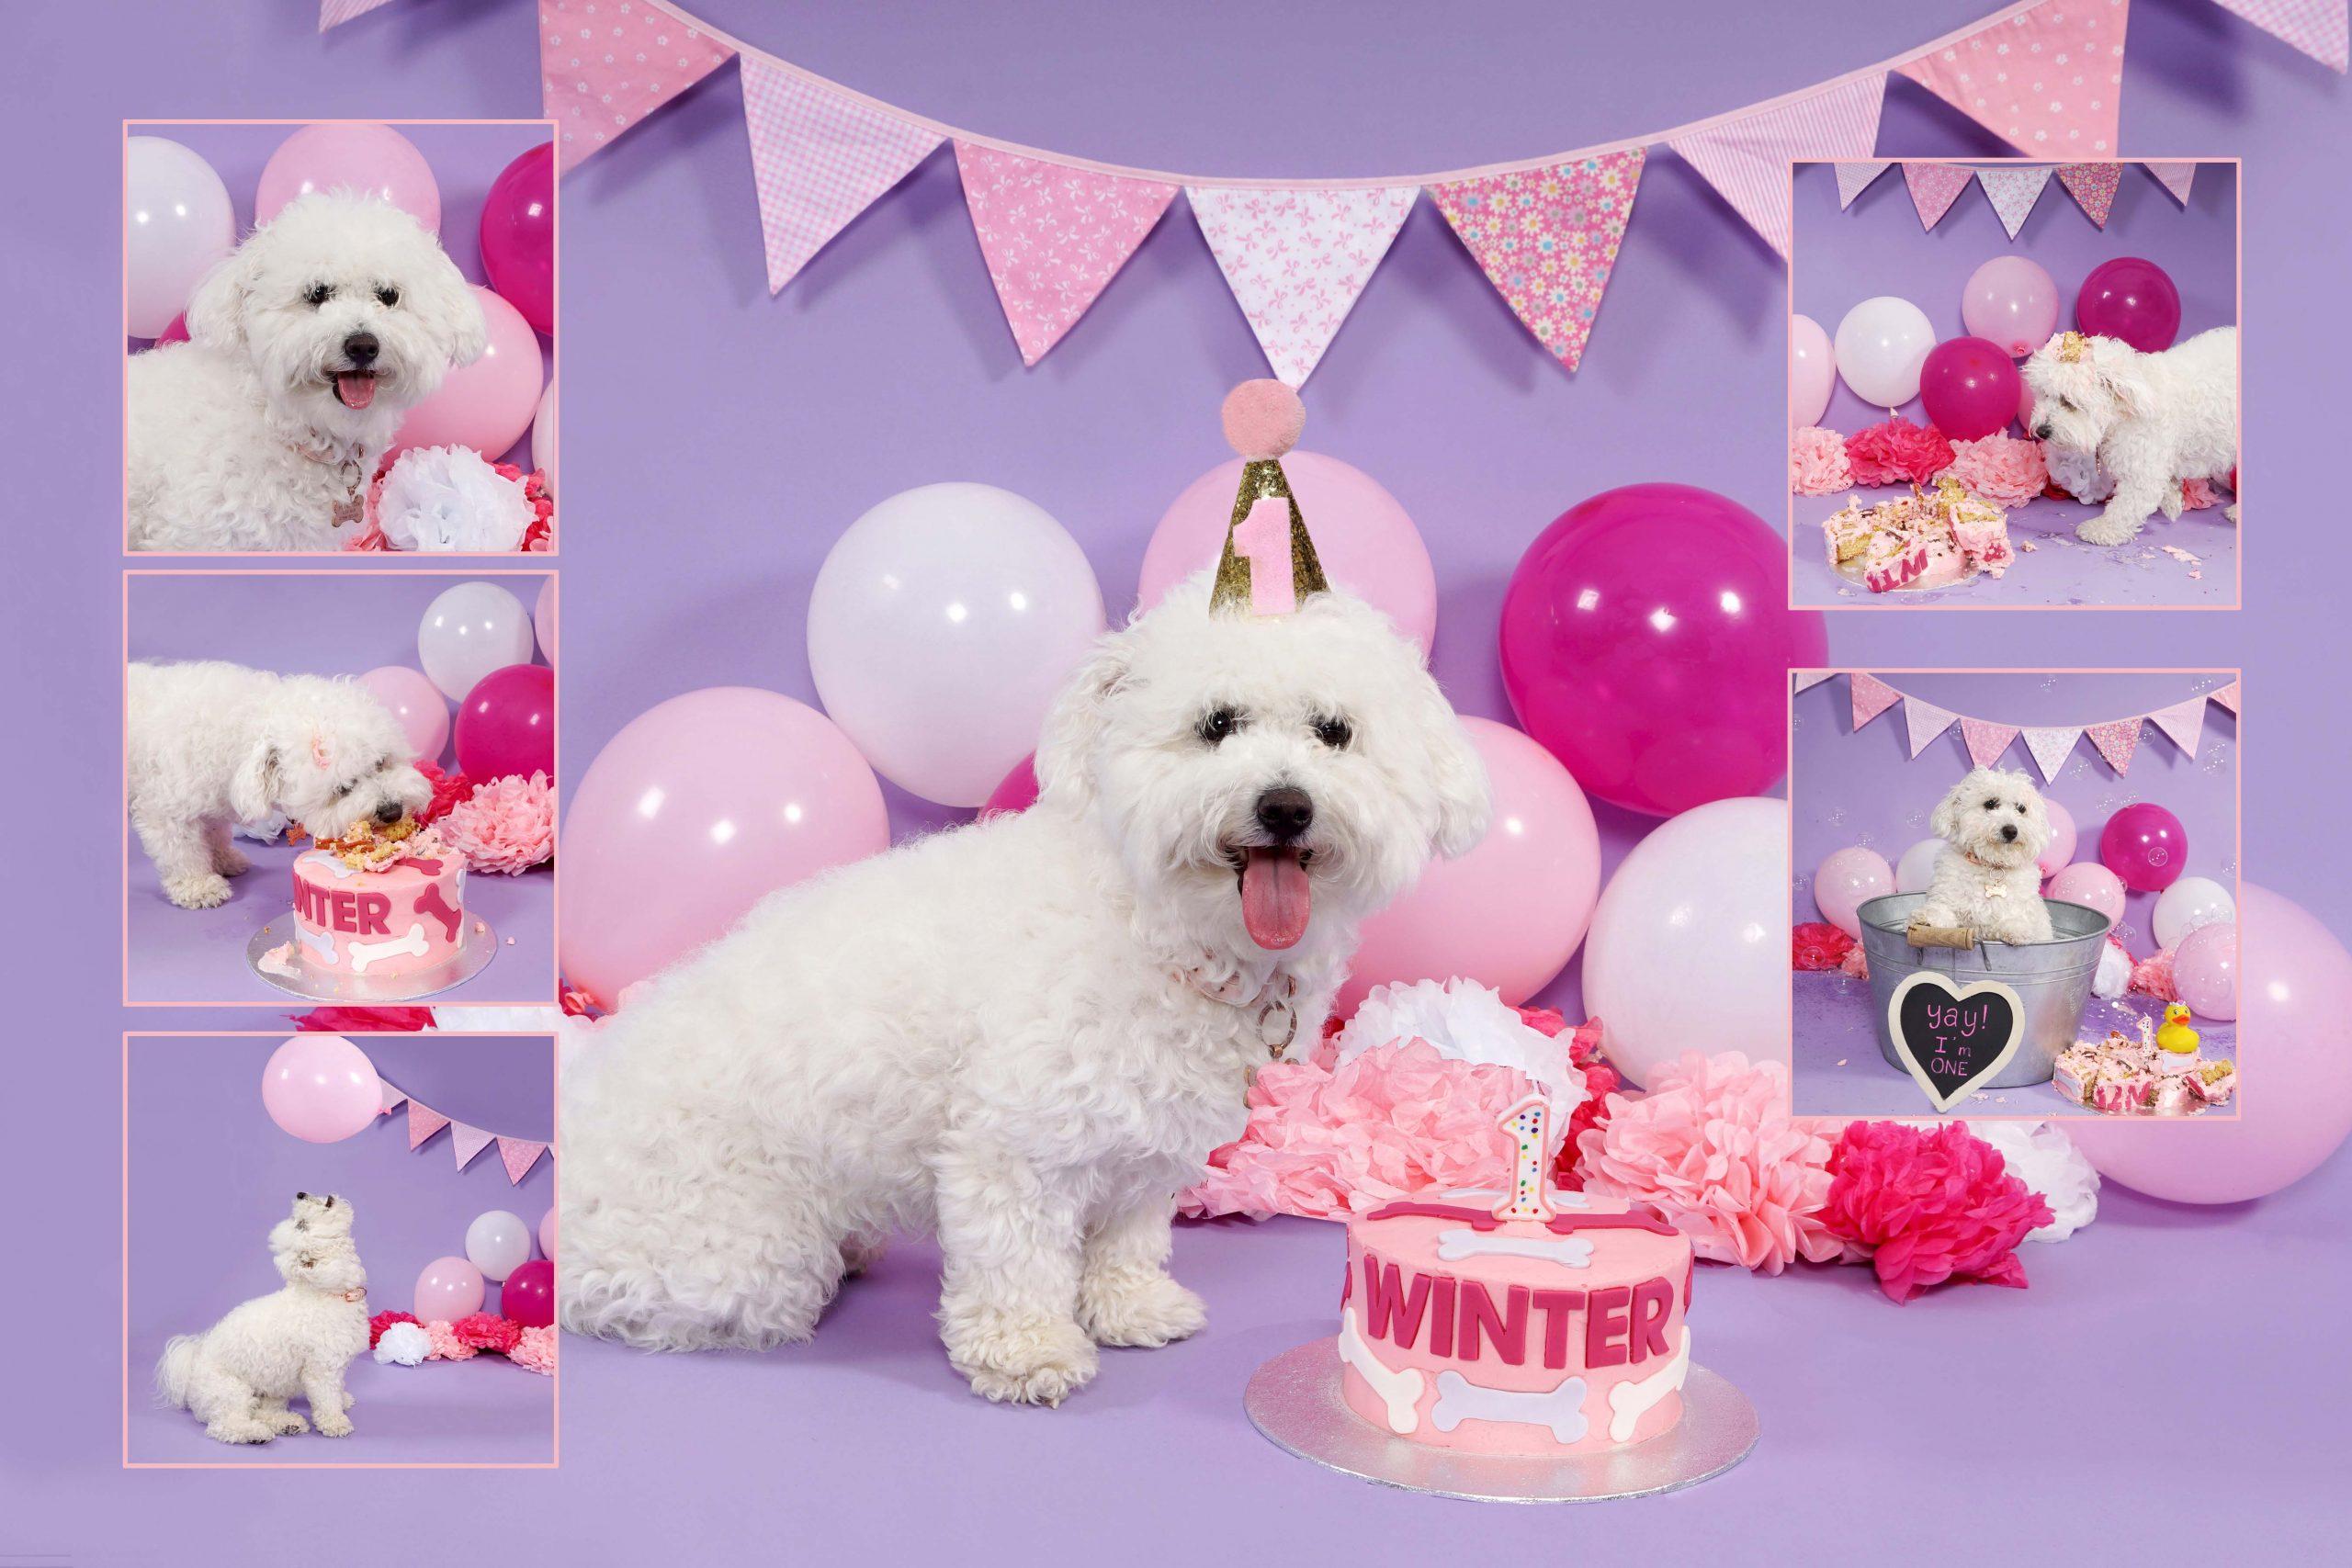 dog smash, dog cake smash, dog cake smashing, 1st birthday,dog cake smash photoshoot, pet photo shoot